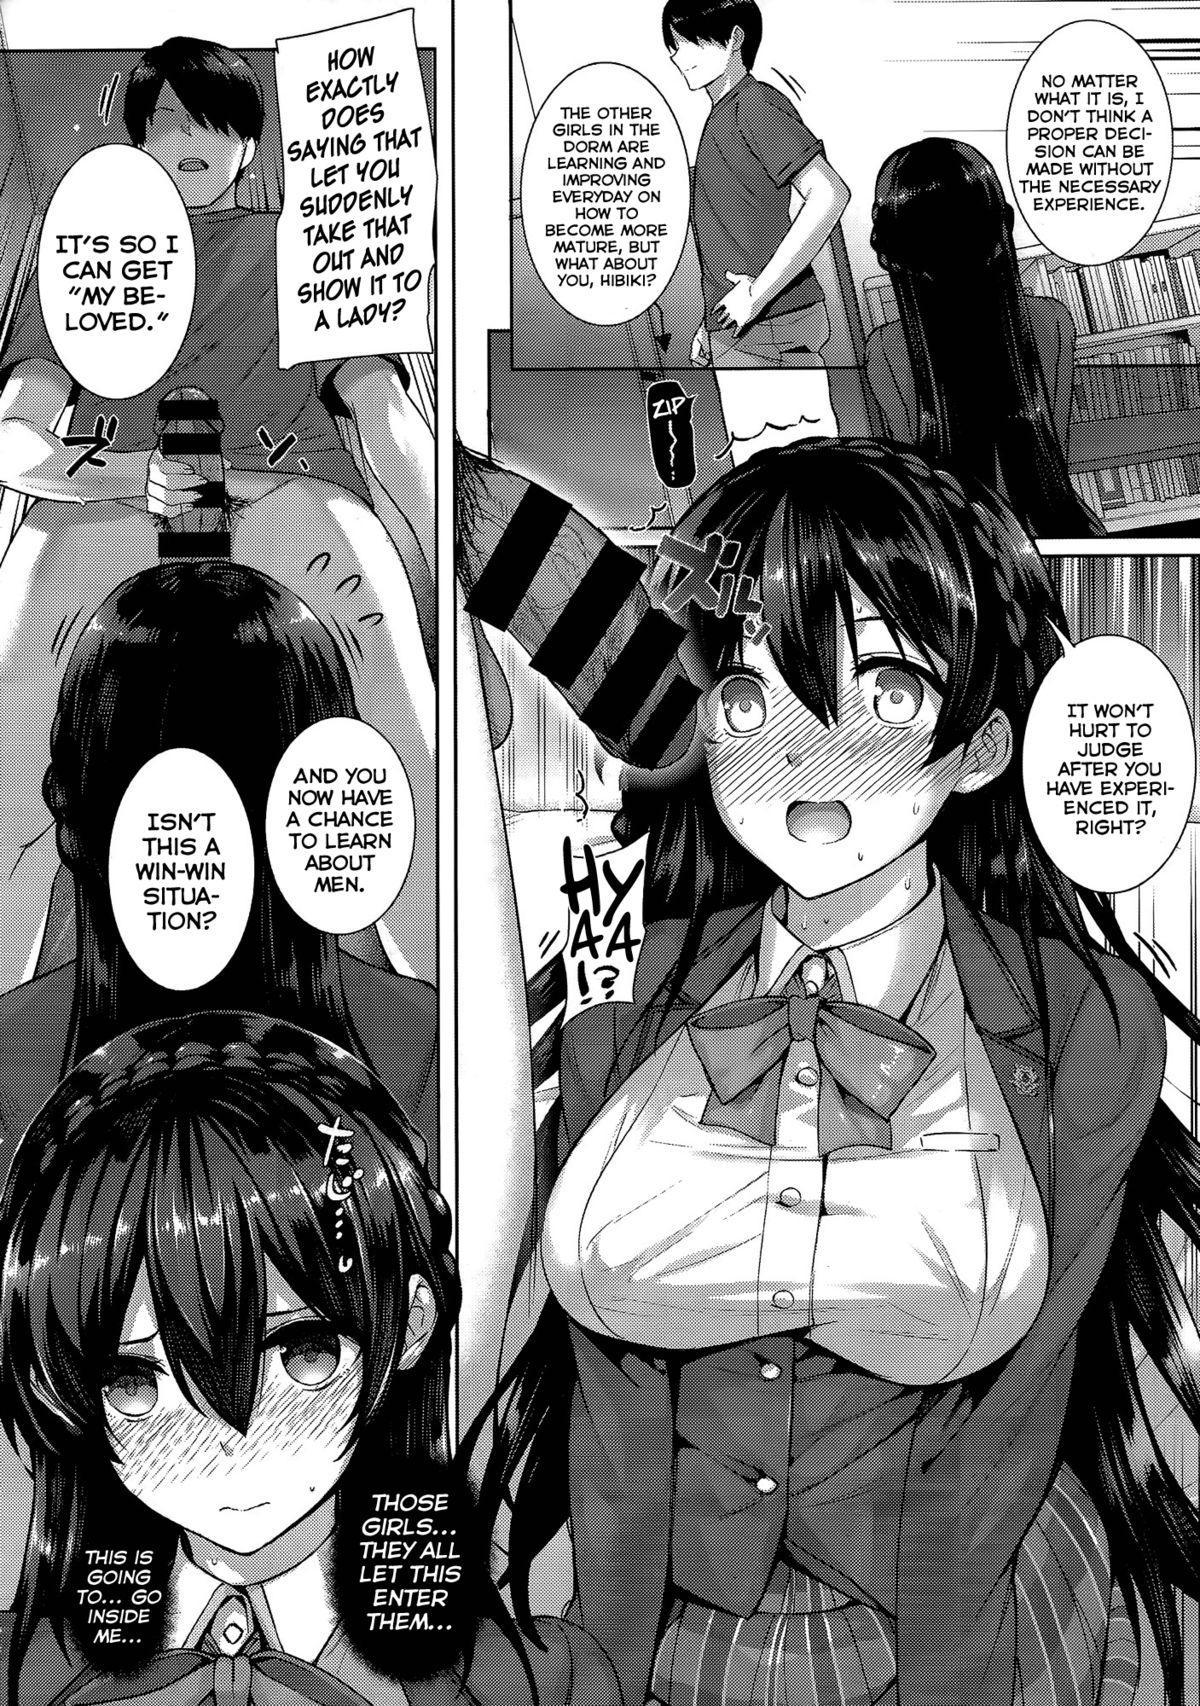 Amatsuka Gakuen no Ryoukan Seikatsu Ch. 1-2 11